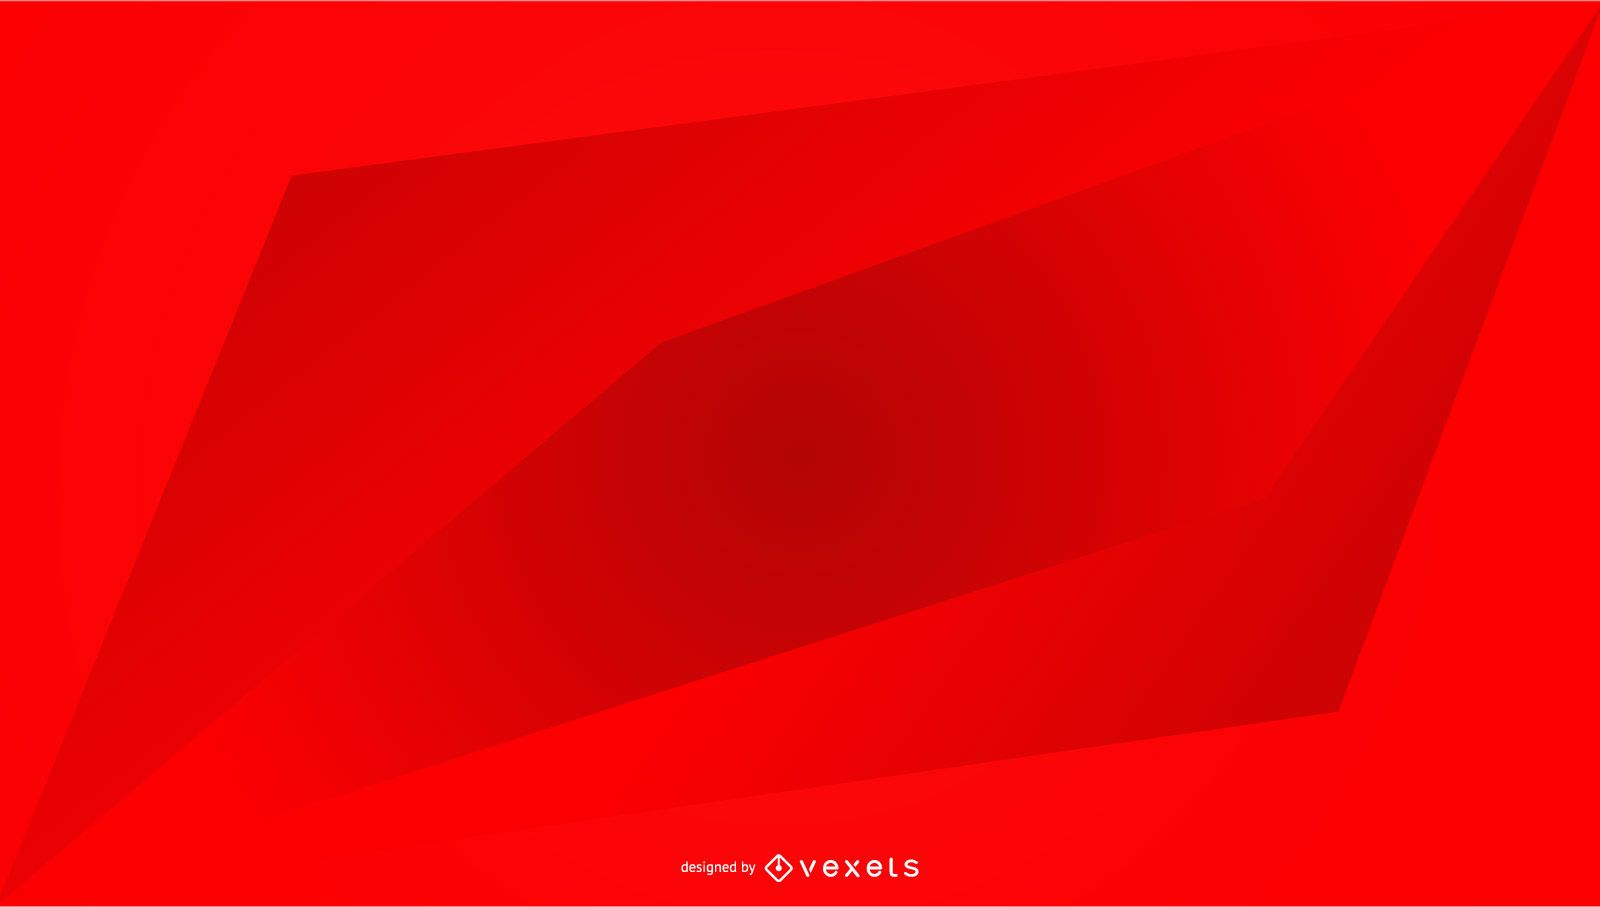 Dise?o geom?trico degradado de fondo rojo